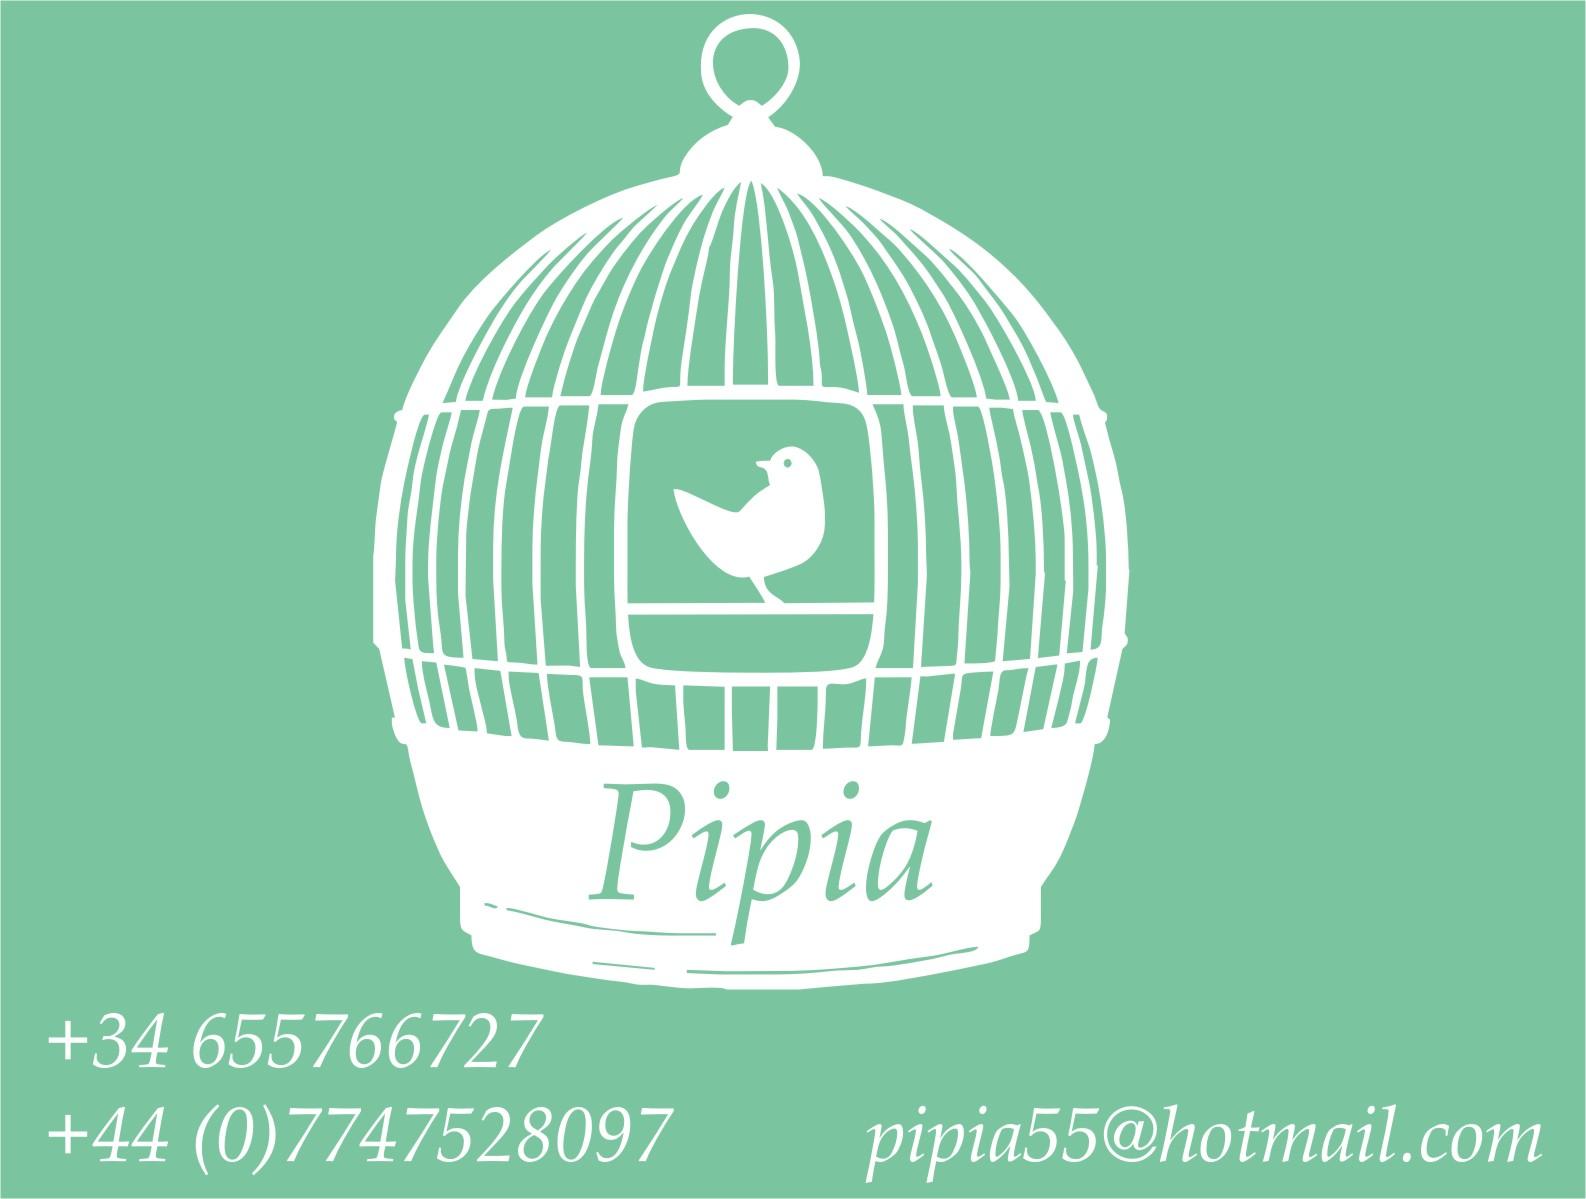 PIPIA